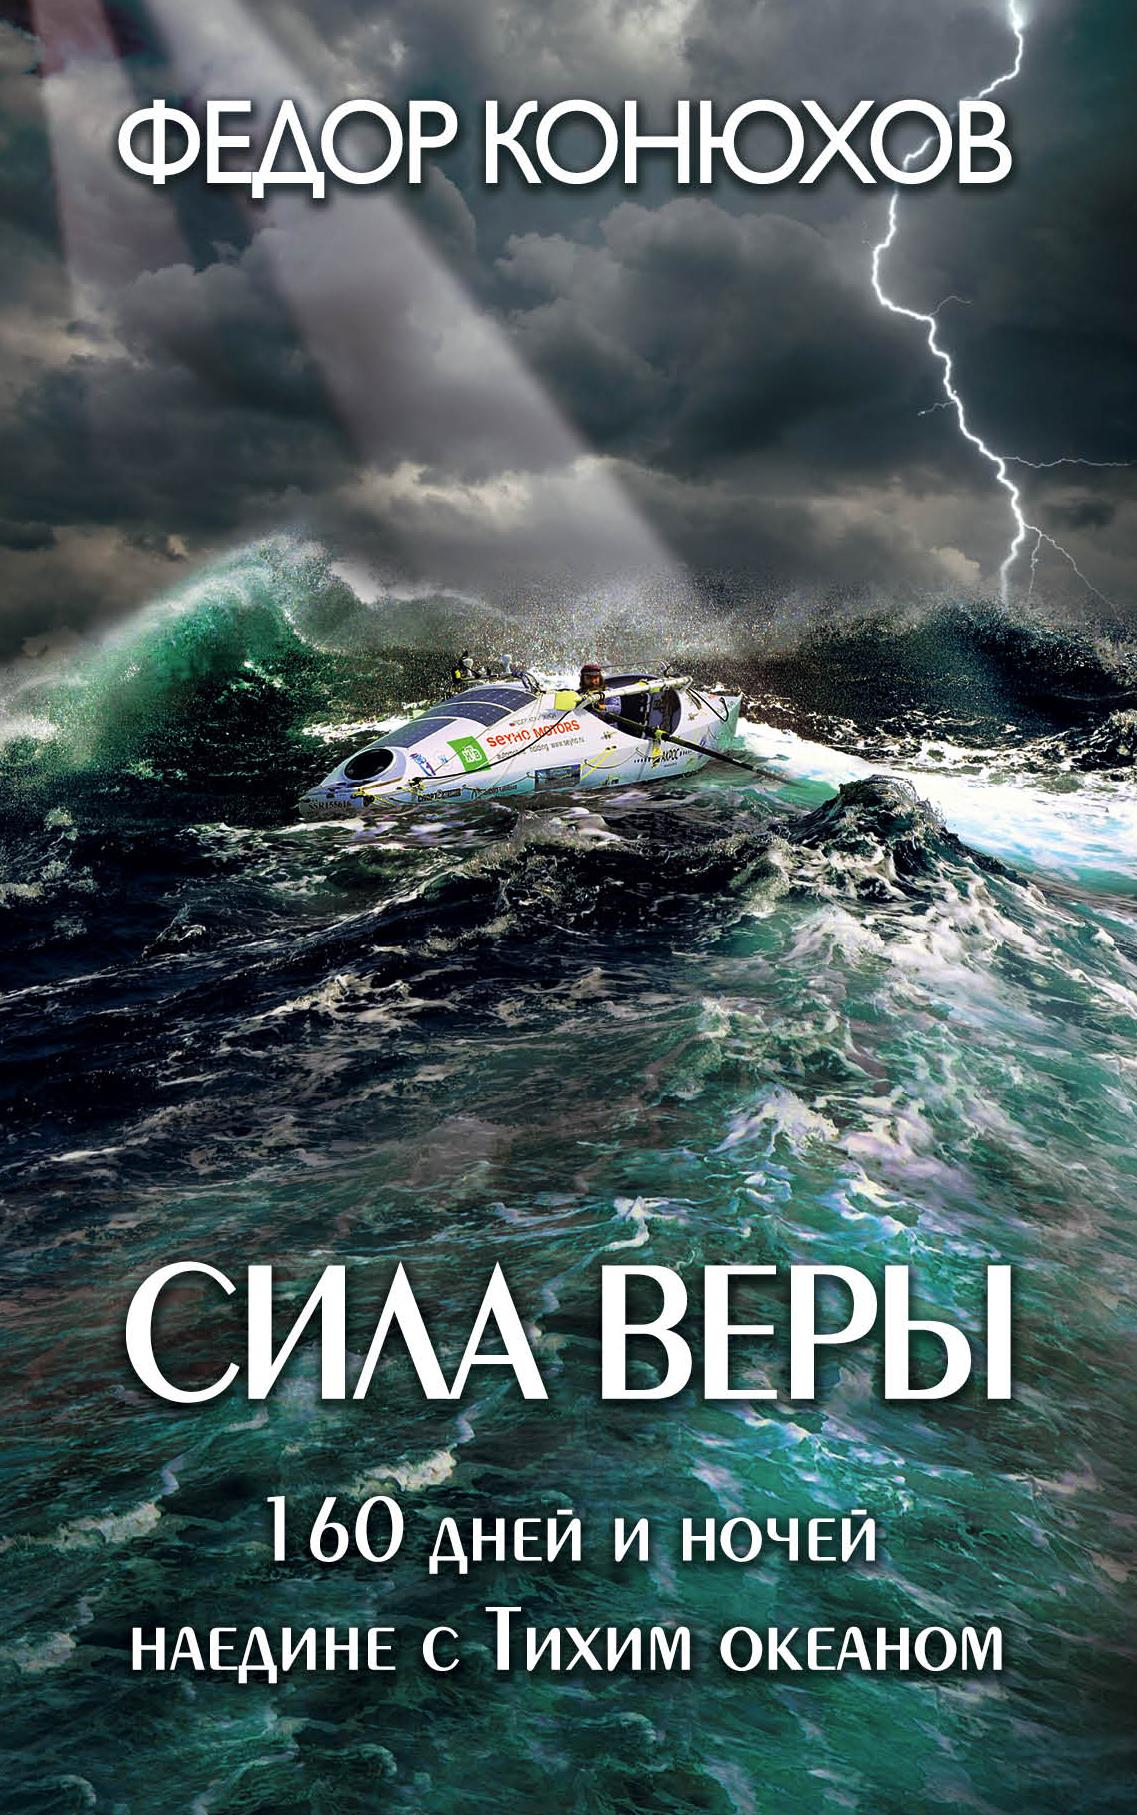 ФЕДОР КОНЮХОВ КНИГИ СКАЧАТЬ БЕСПЛАТНО